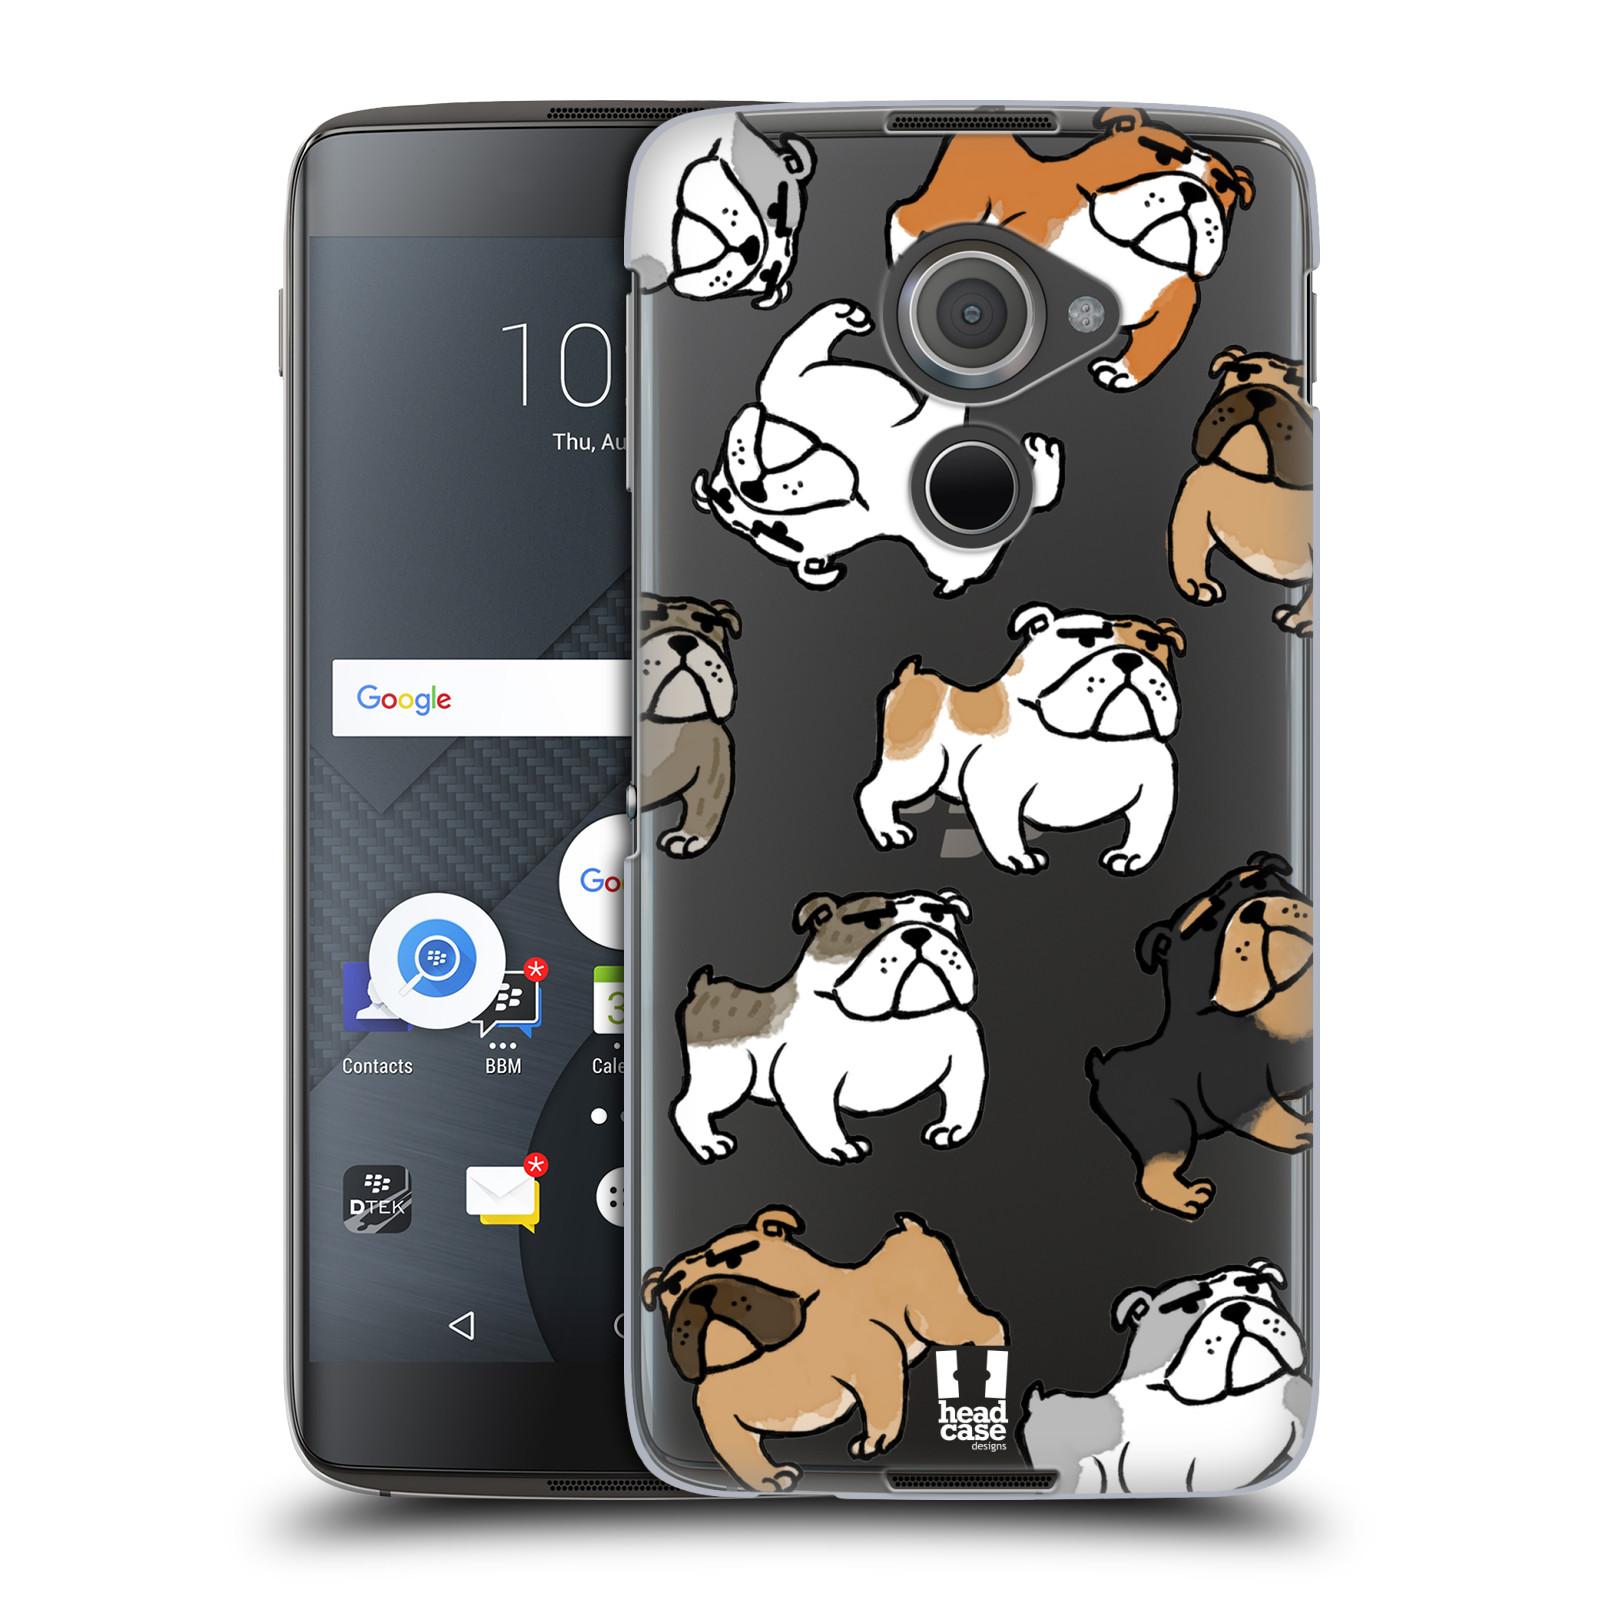 Plastové pouzdro na mobil Blackberry DTEK60 (Argon) - Head Case - Buldoci (Plastový kryt či obal na mobilní telefon s motivem buldoků pro Blackberry DTEK60 (Argon))